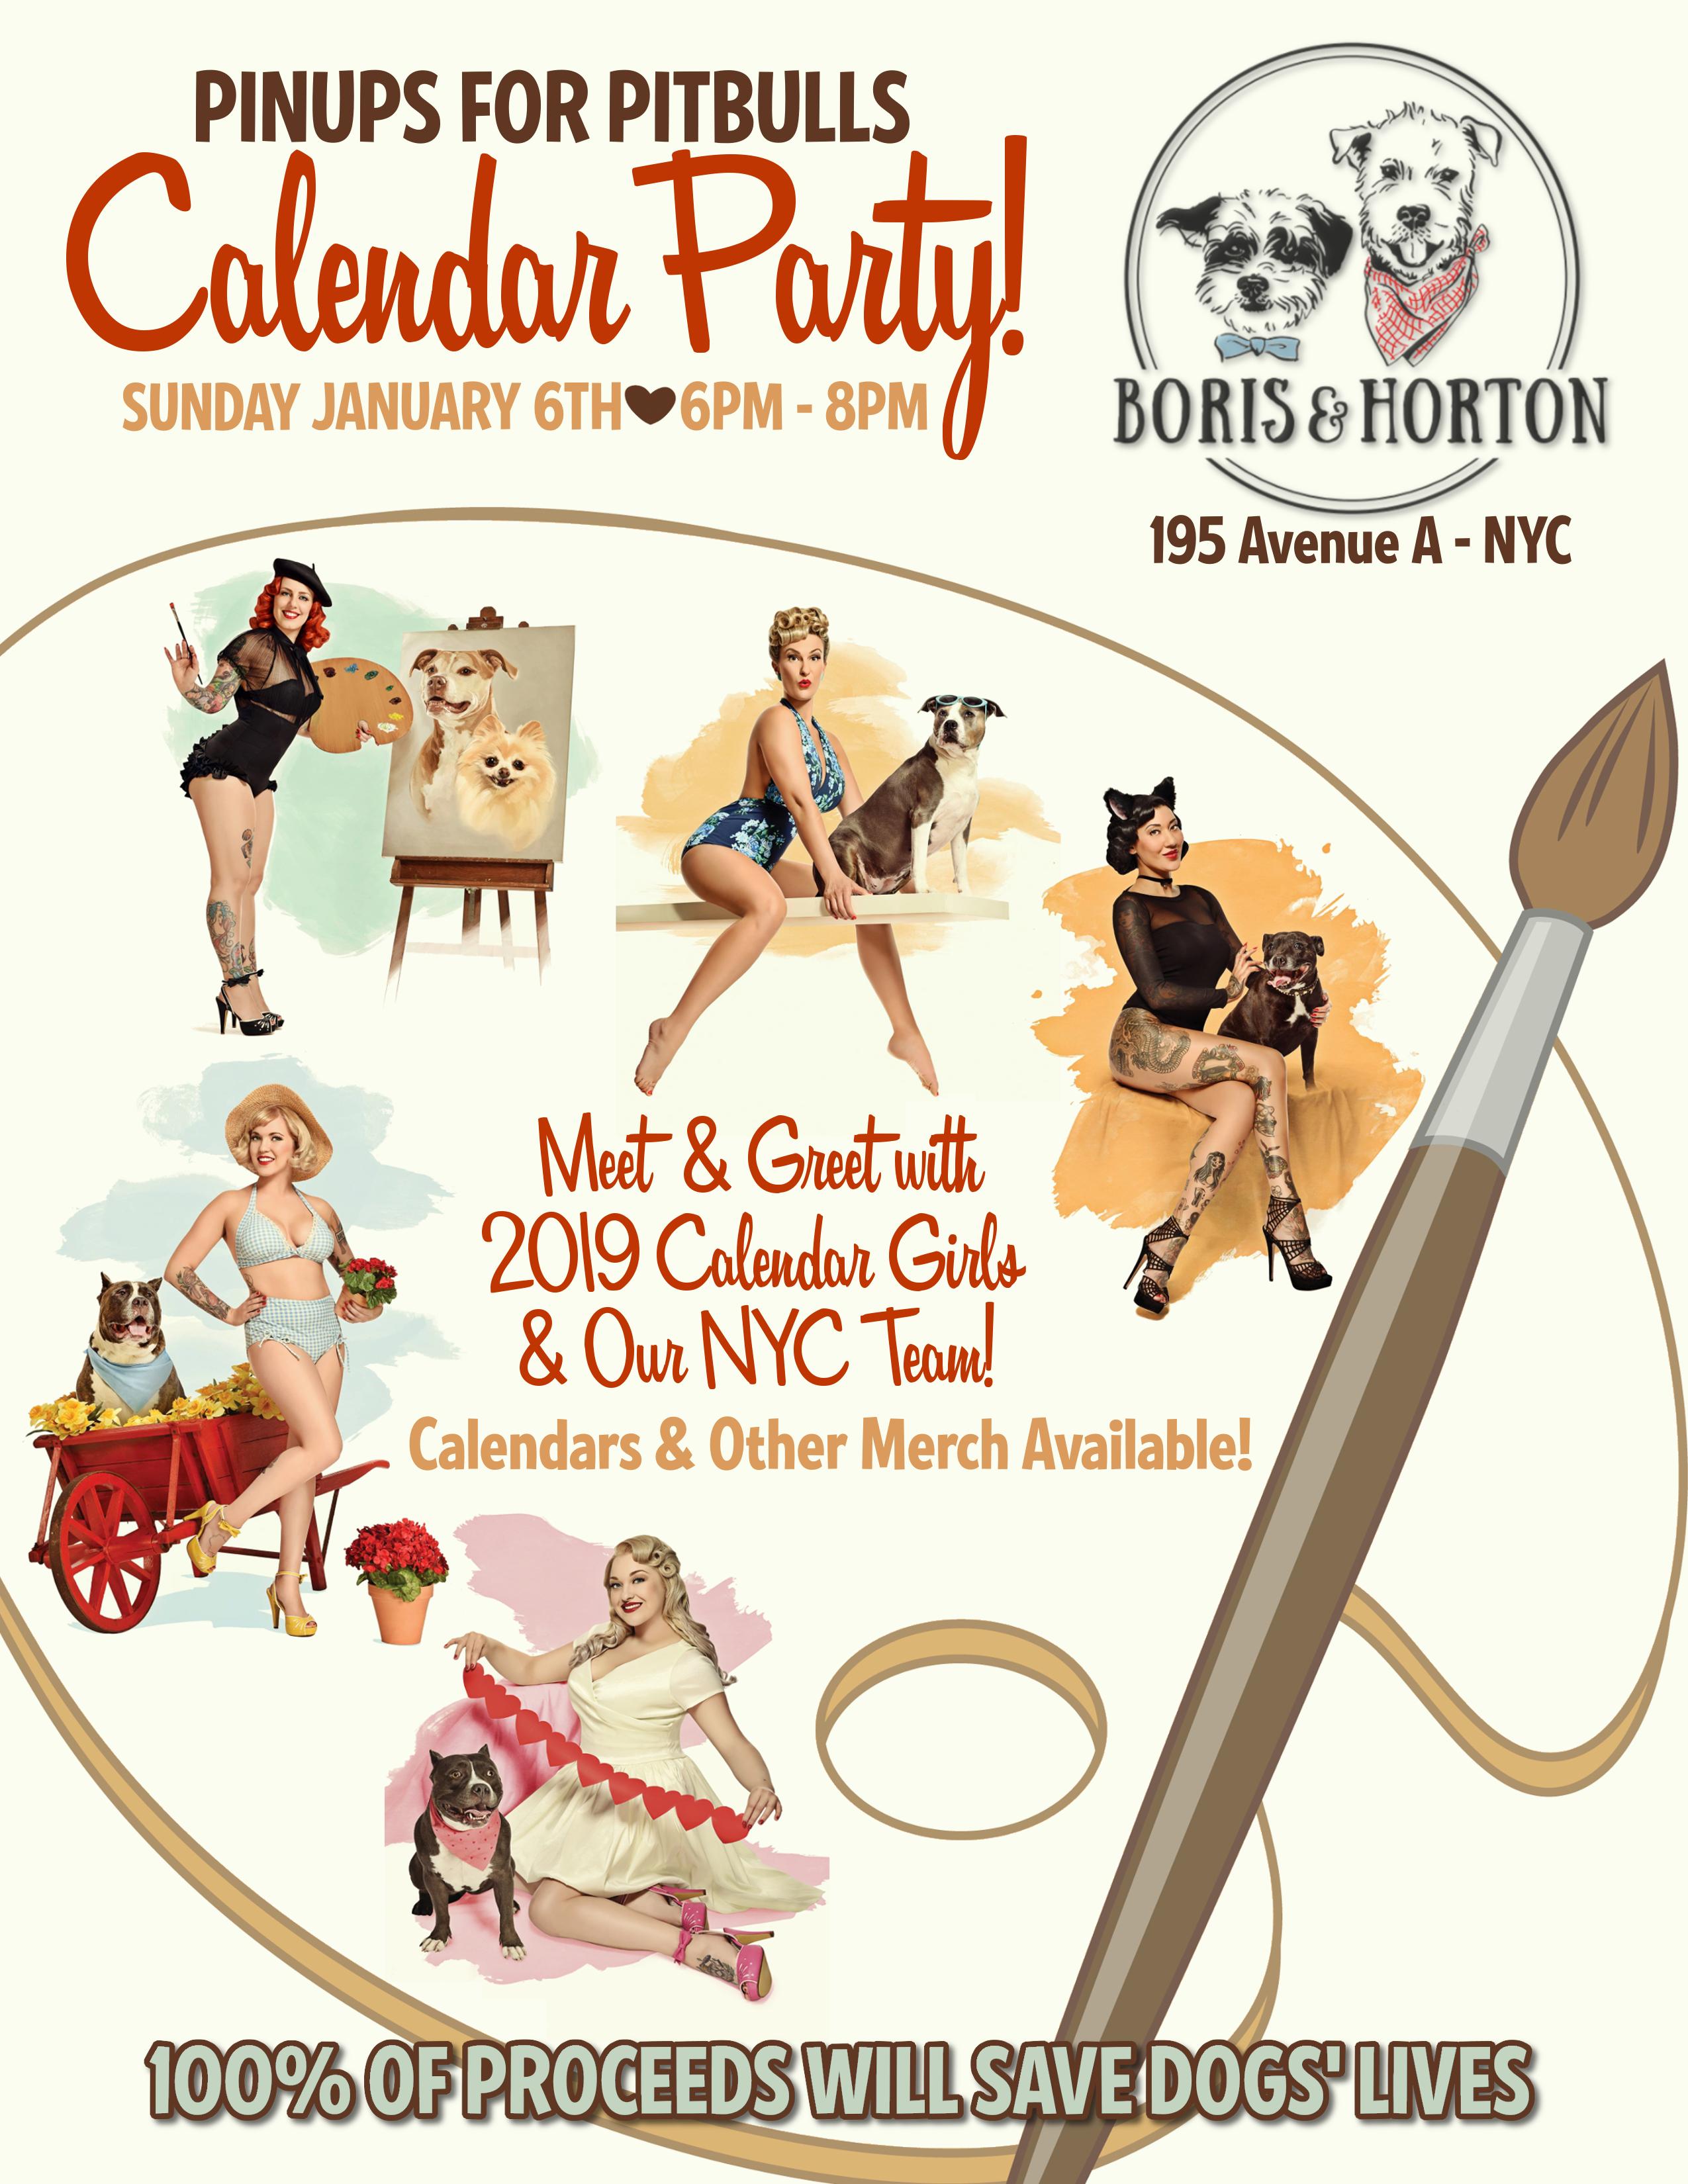 Boris & Horton NYC Meet & Greet Calendar Party! - Pinups for Pitbulls